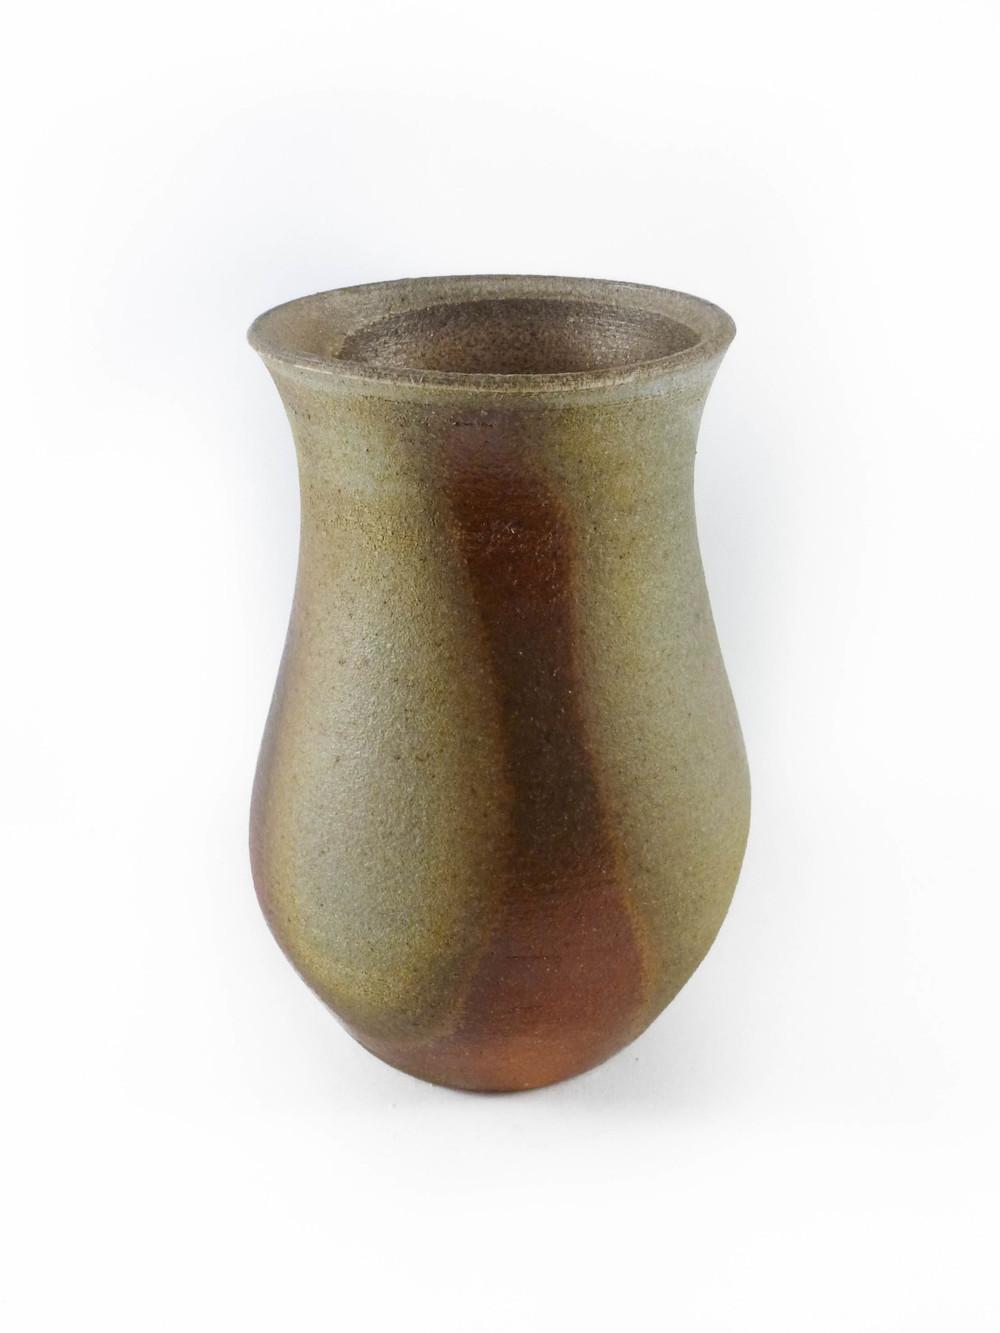 Vases 09-03